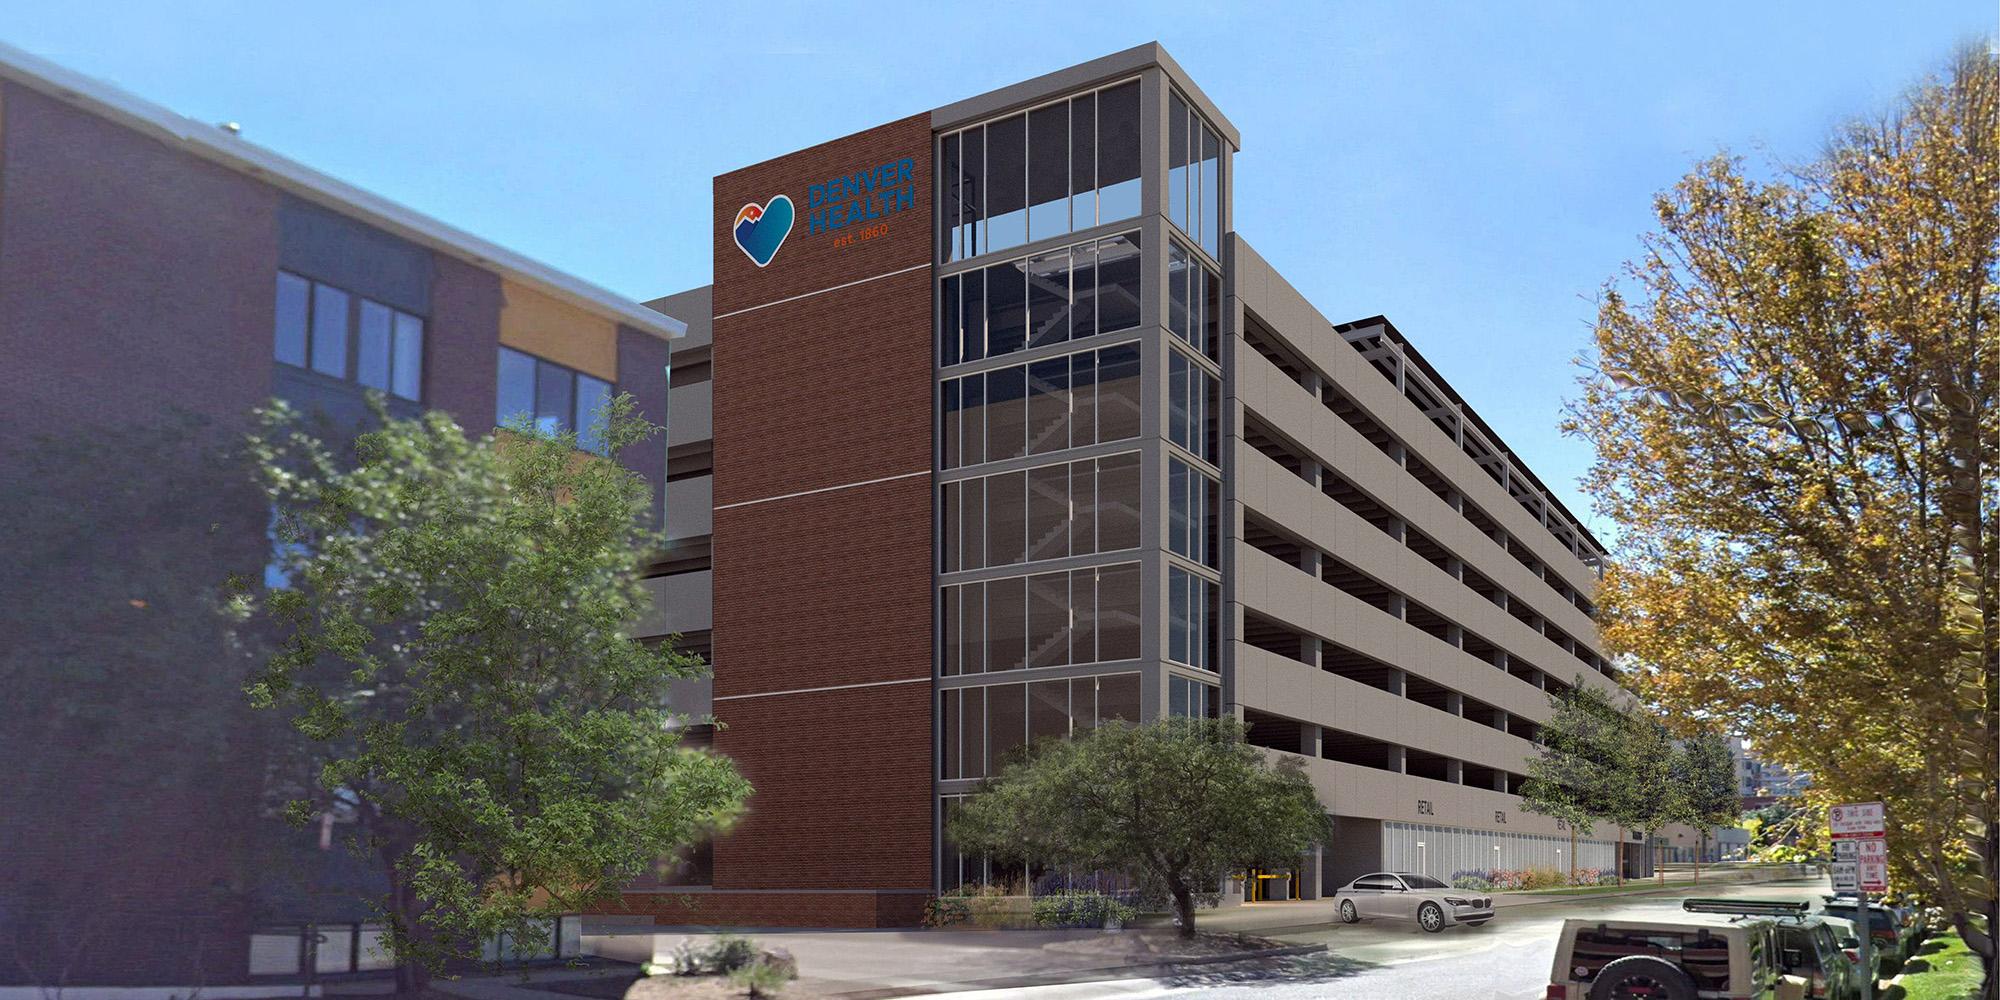 Rendering of proposed Denver Health parking garage, courtesy of Gensler